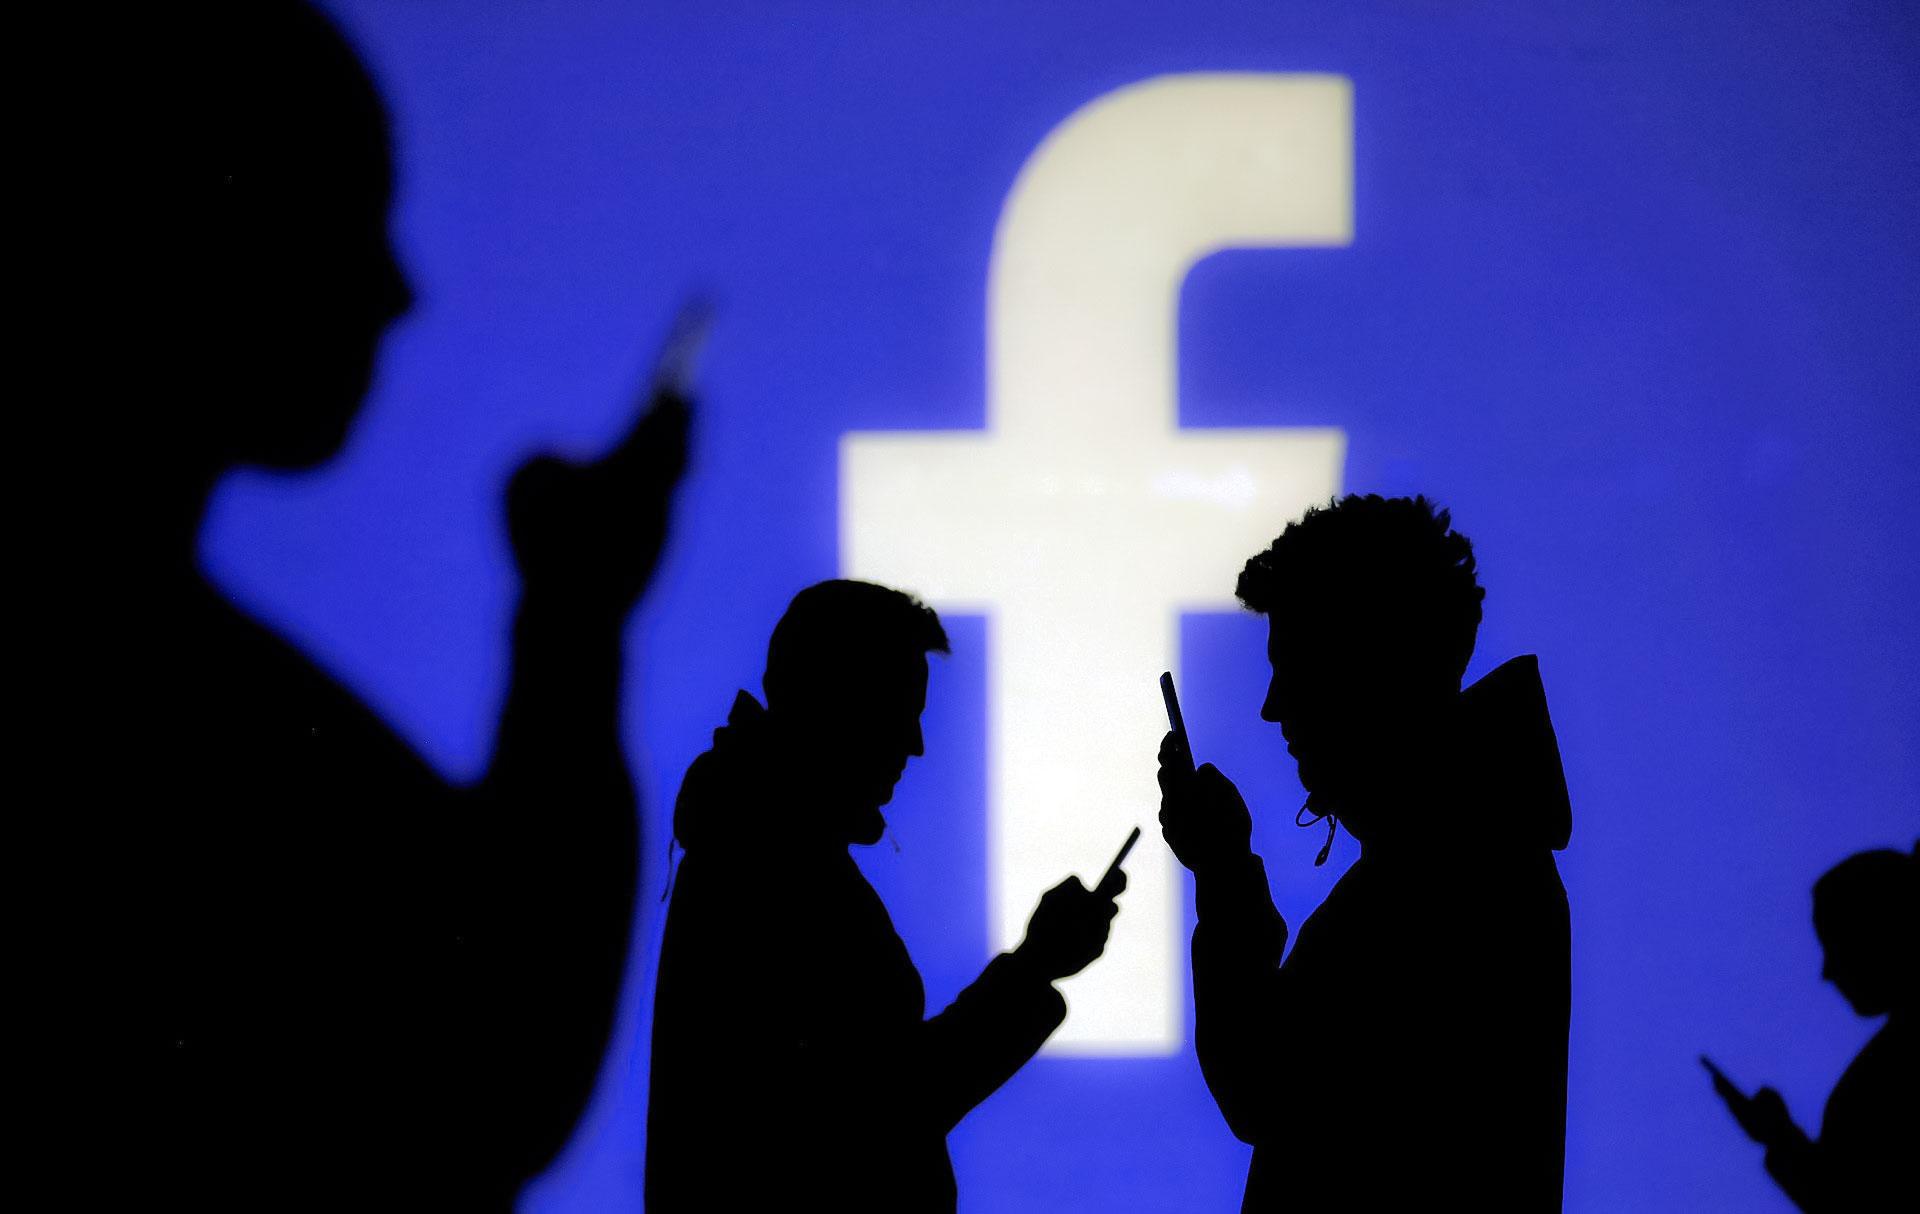 فیس بوک به چت های صوتی کاربران گوش می دهد